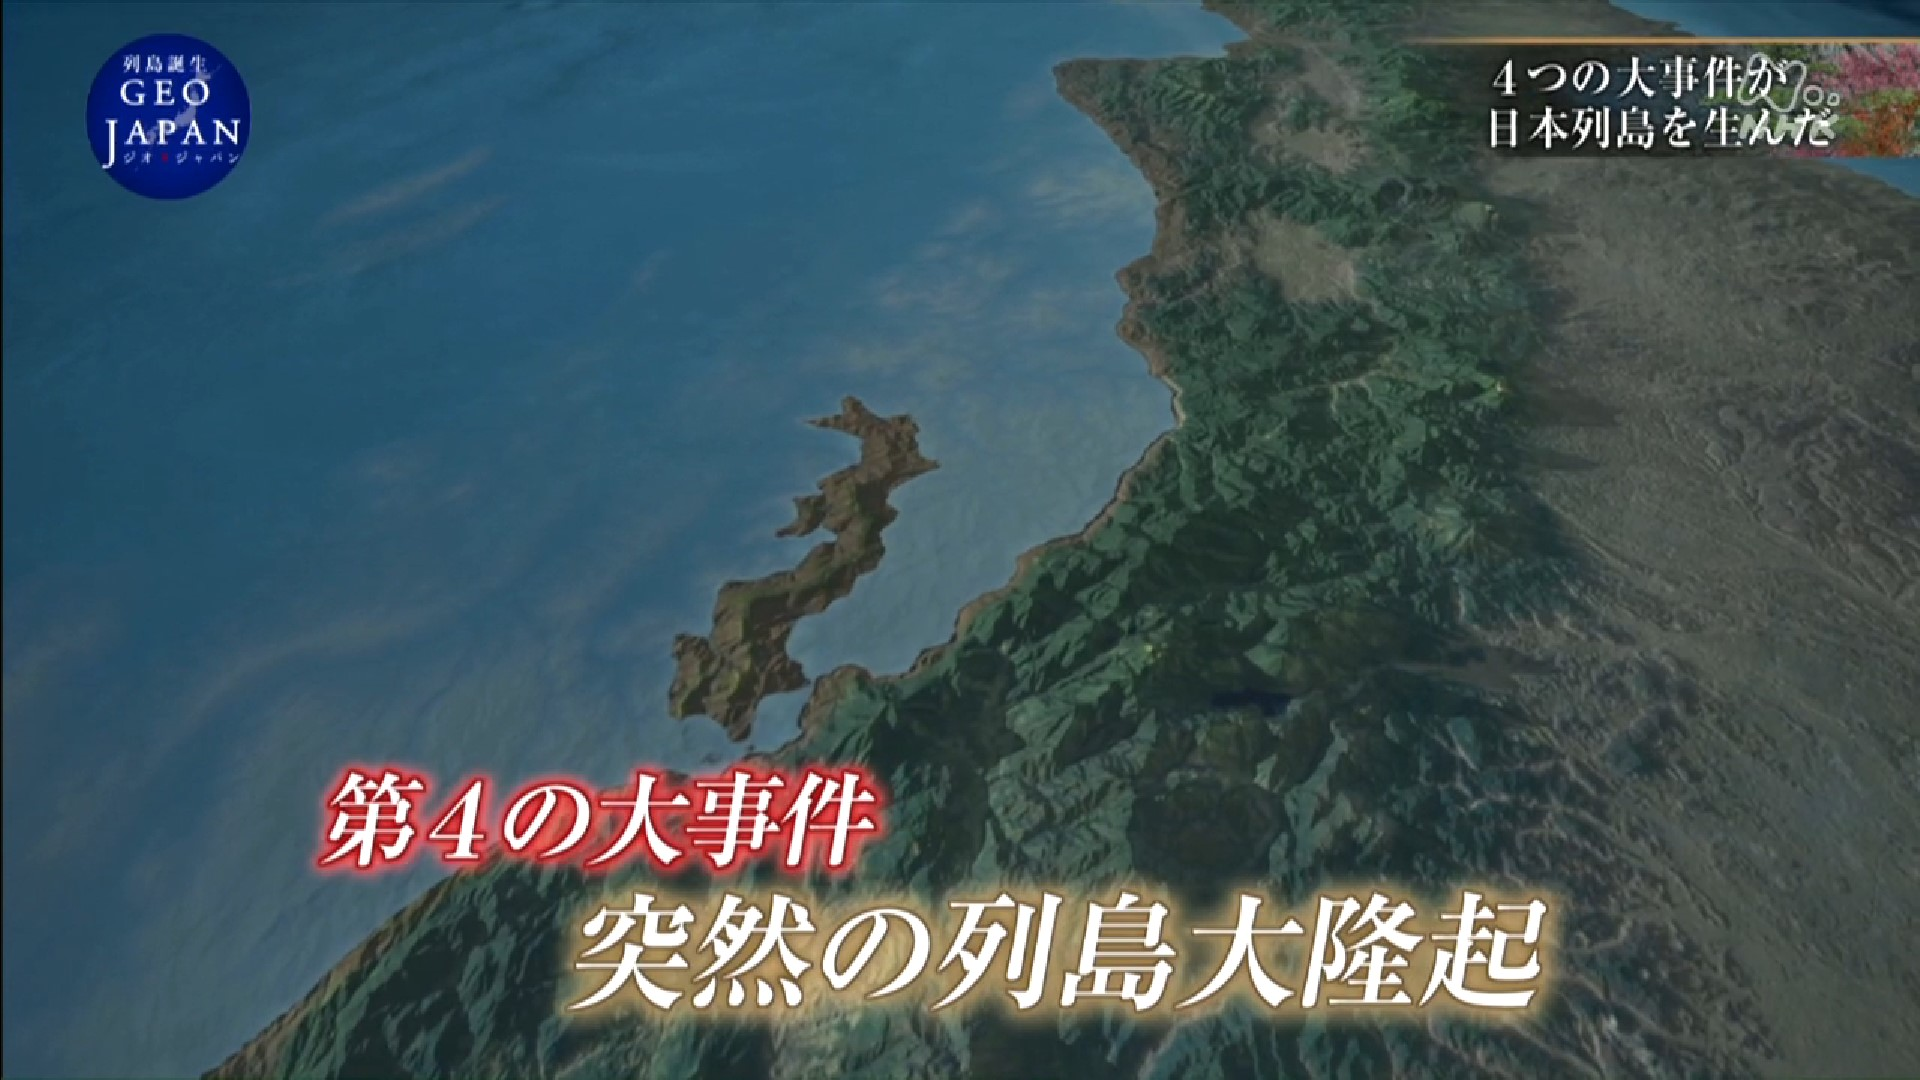 ジオ ジャパン 再 放送